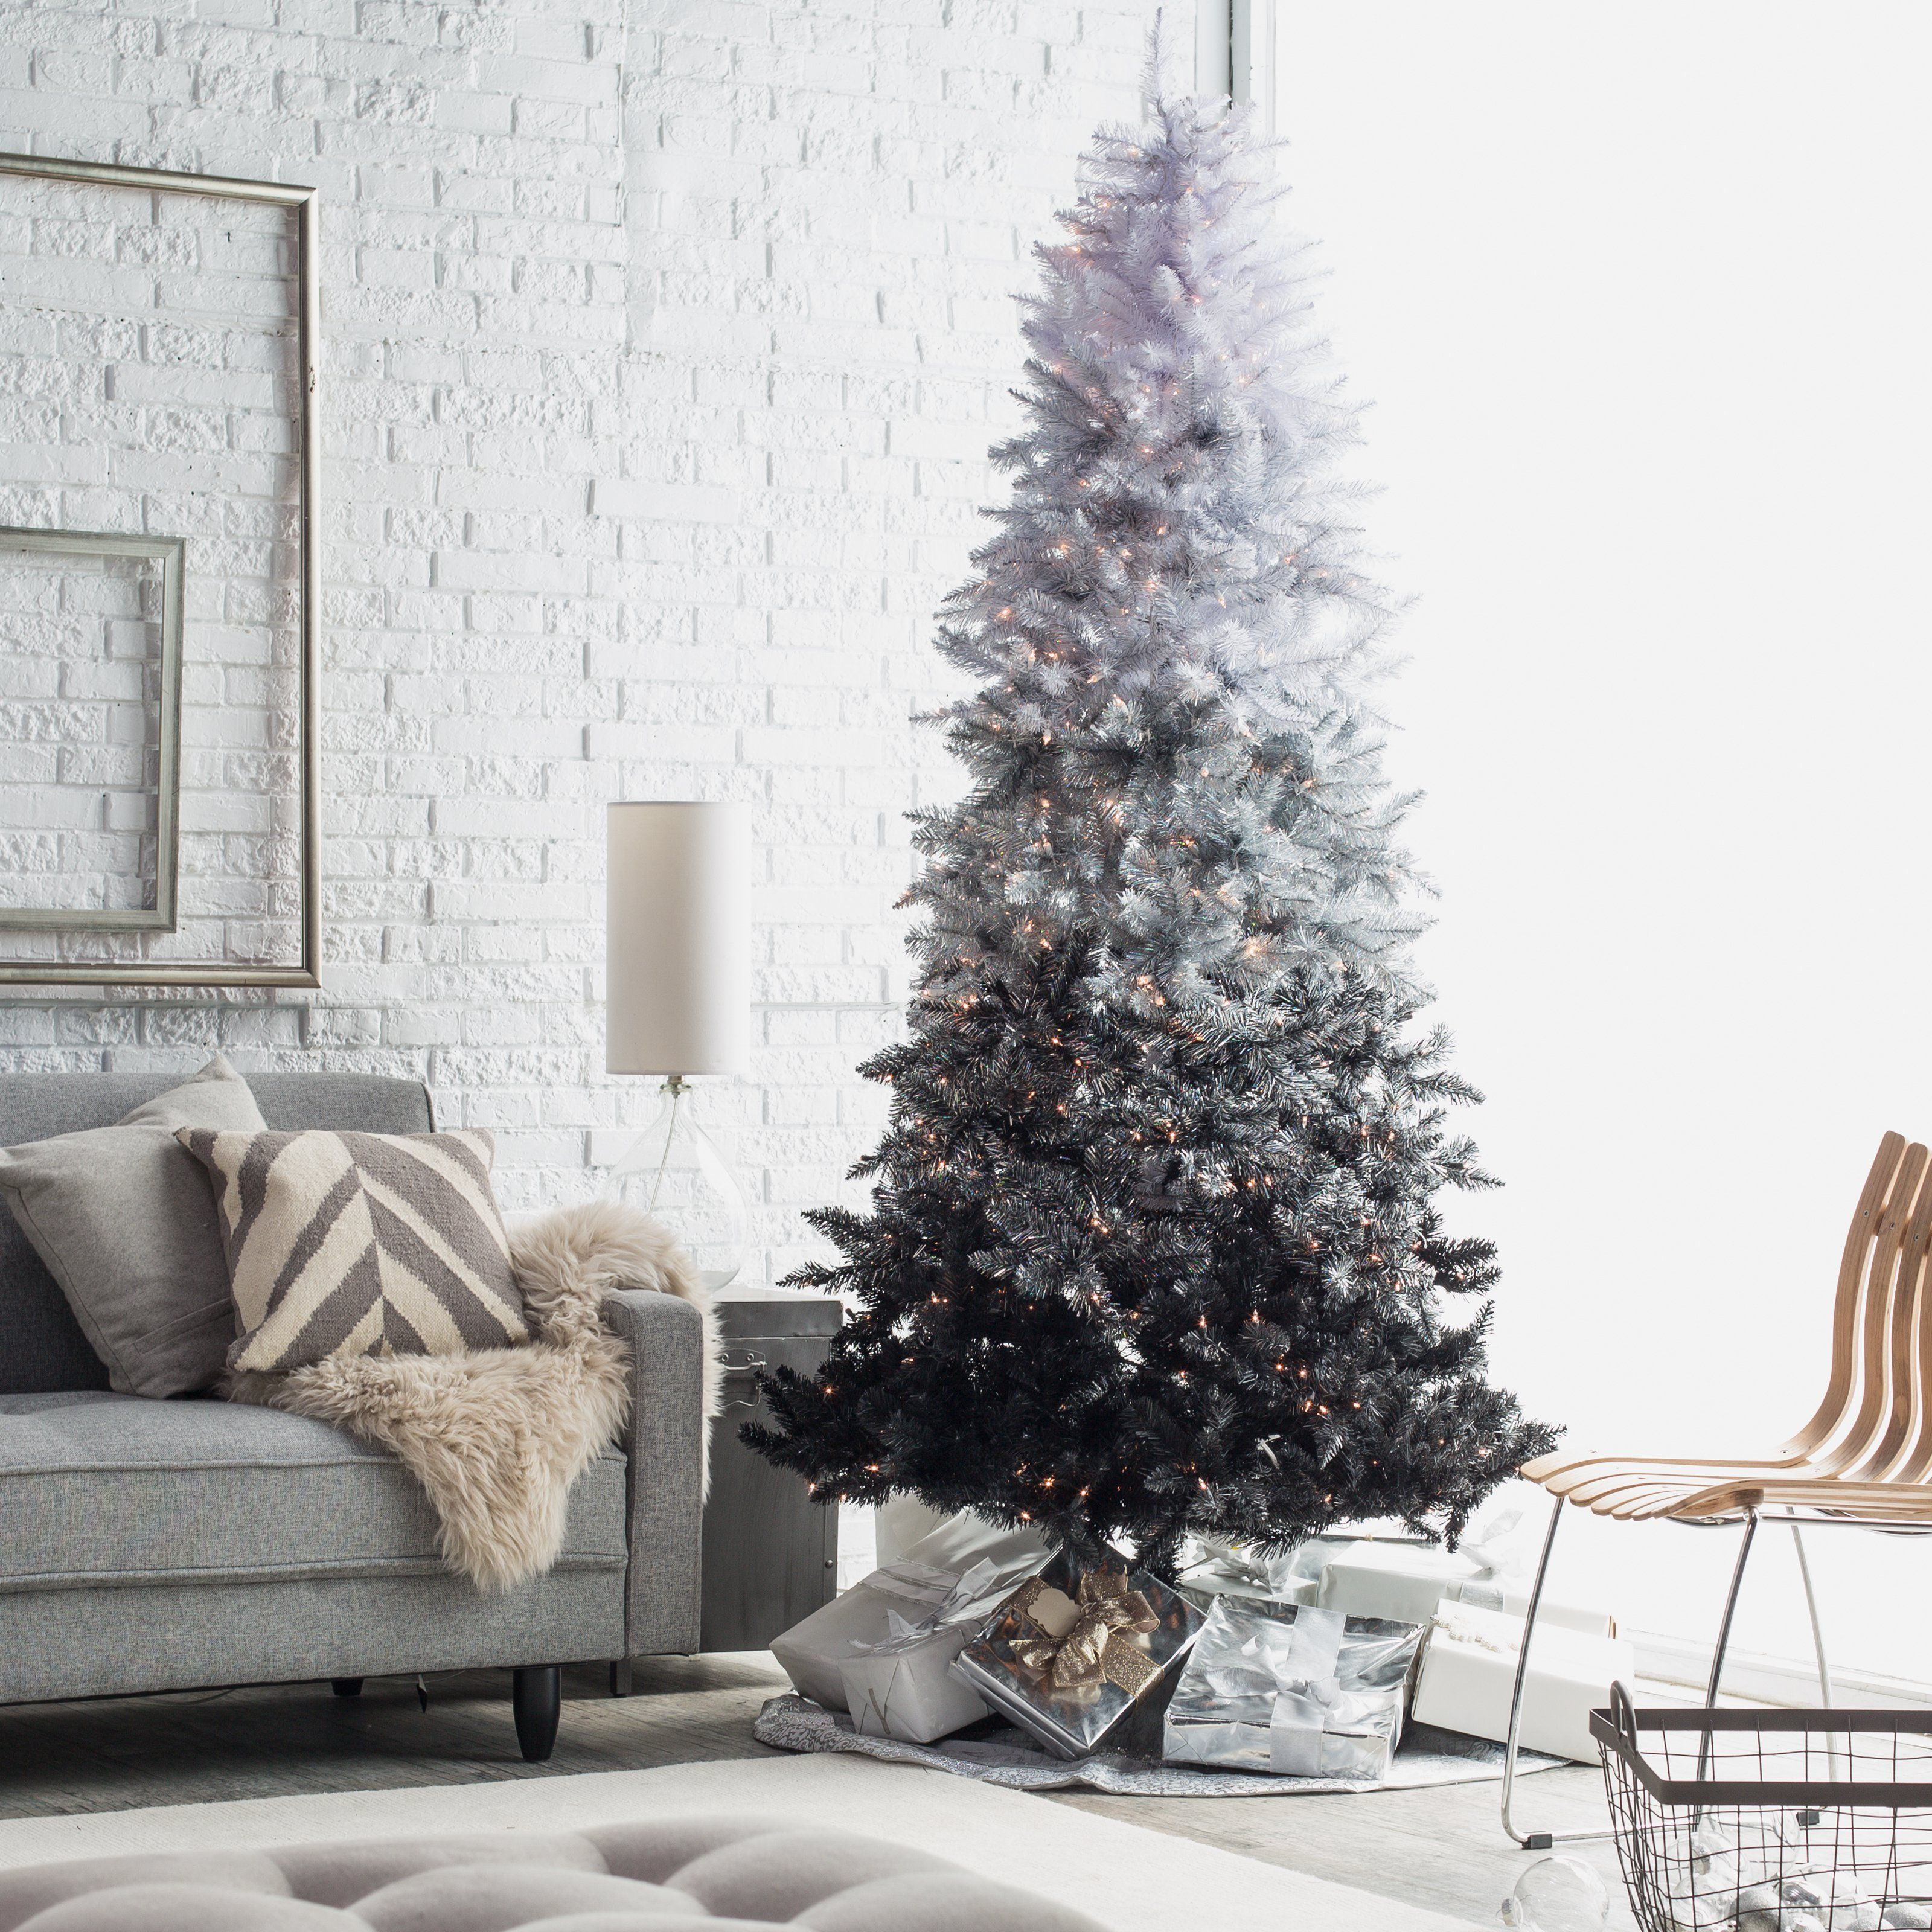 12 Best Black Christmas Tree Ideas - Decorate Black Christmas Trees